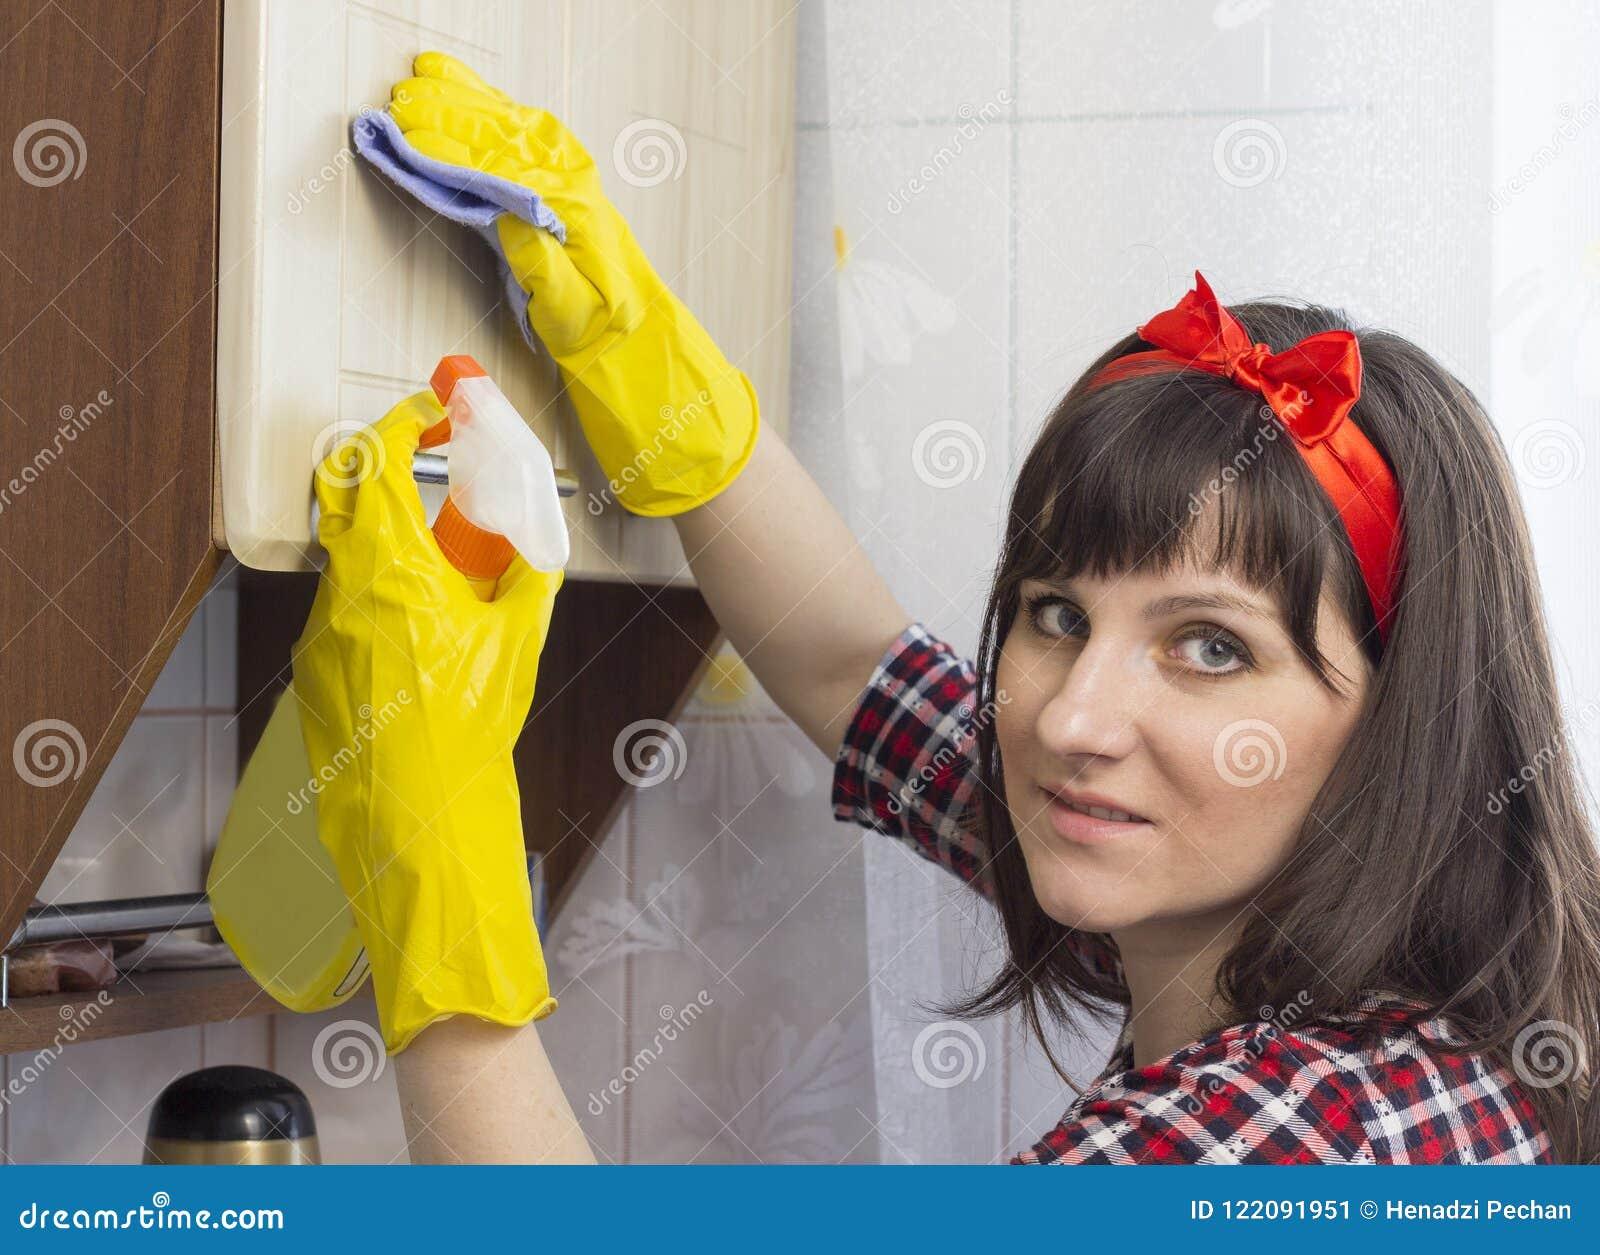 Ένα κορίτσι στα κίτρινα γάντια πλένει το ντουλάπι στην κουζίνα, συσκευή κινηματογραφήσεων σε πρώτο πλάνο